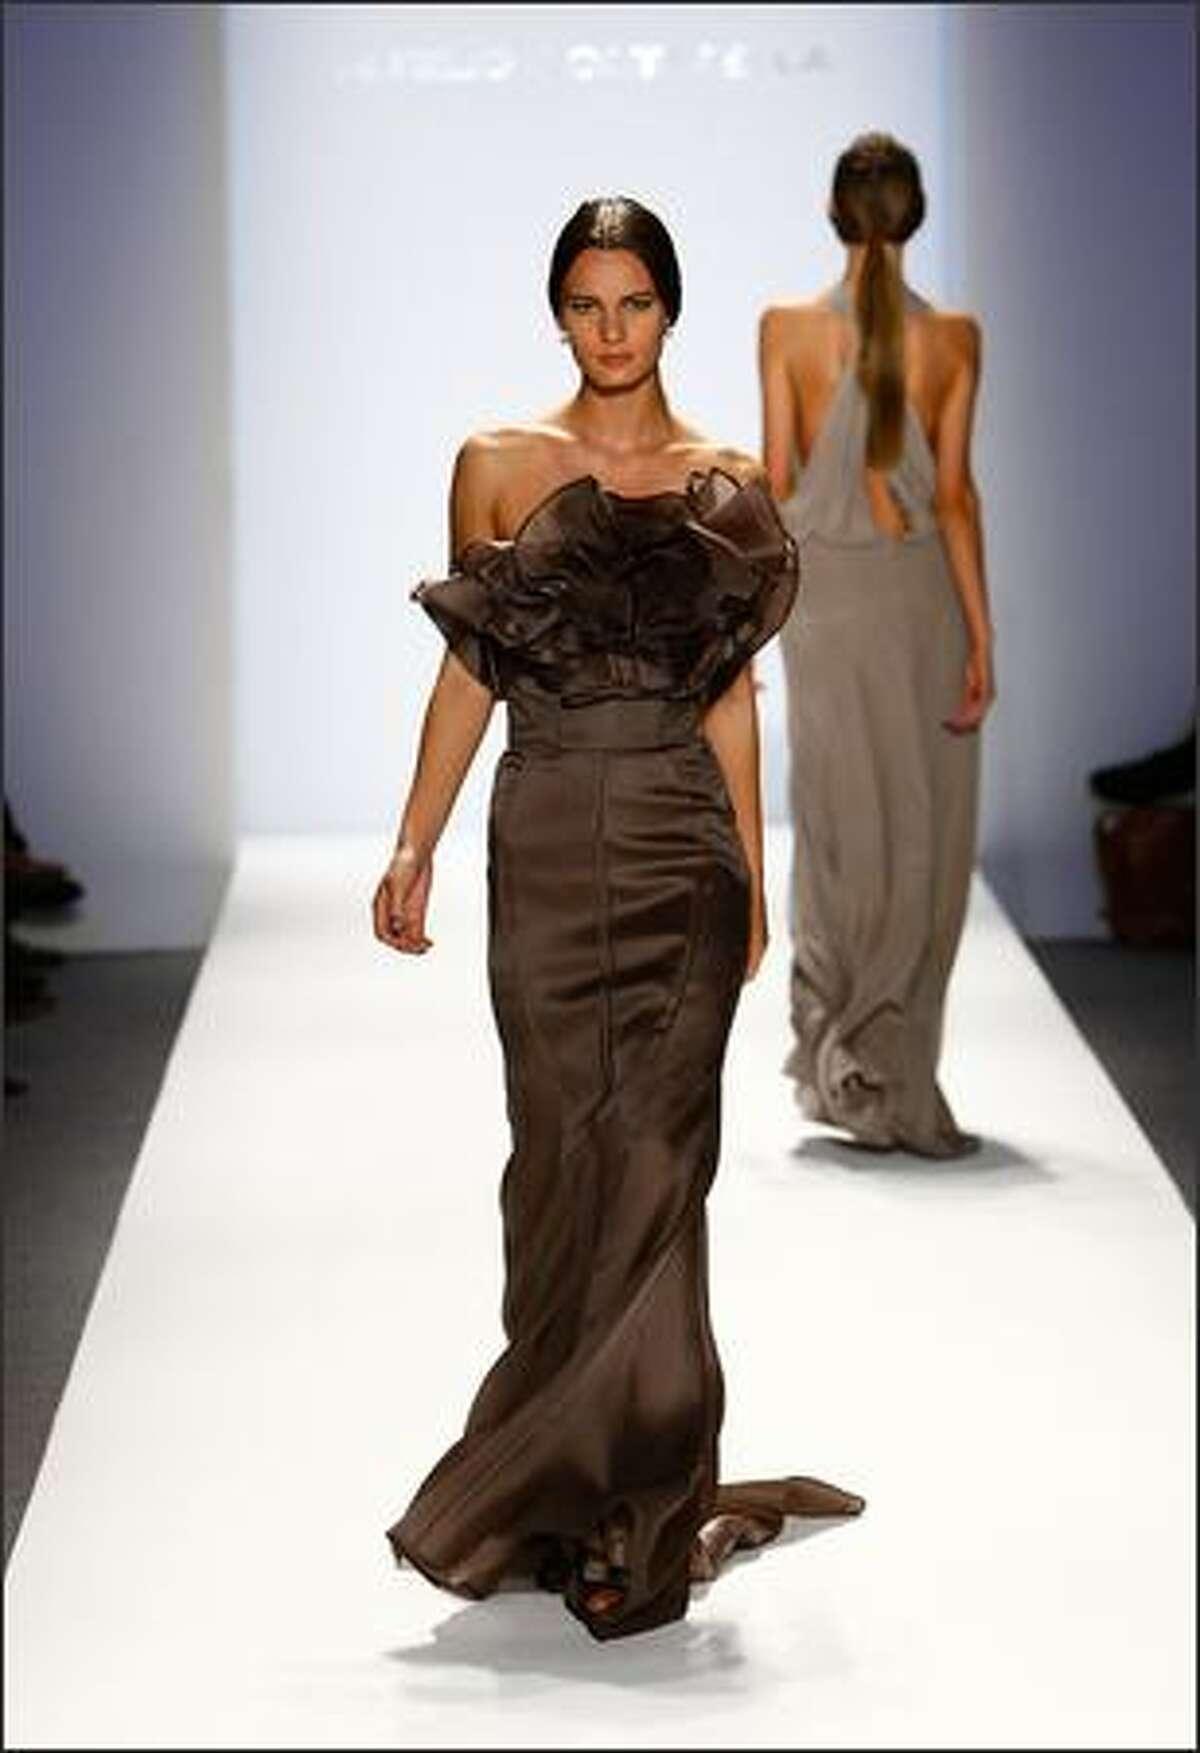 A model walks the runway at the Aurelio Costarella show.